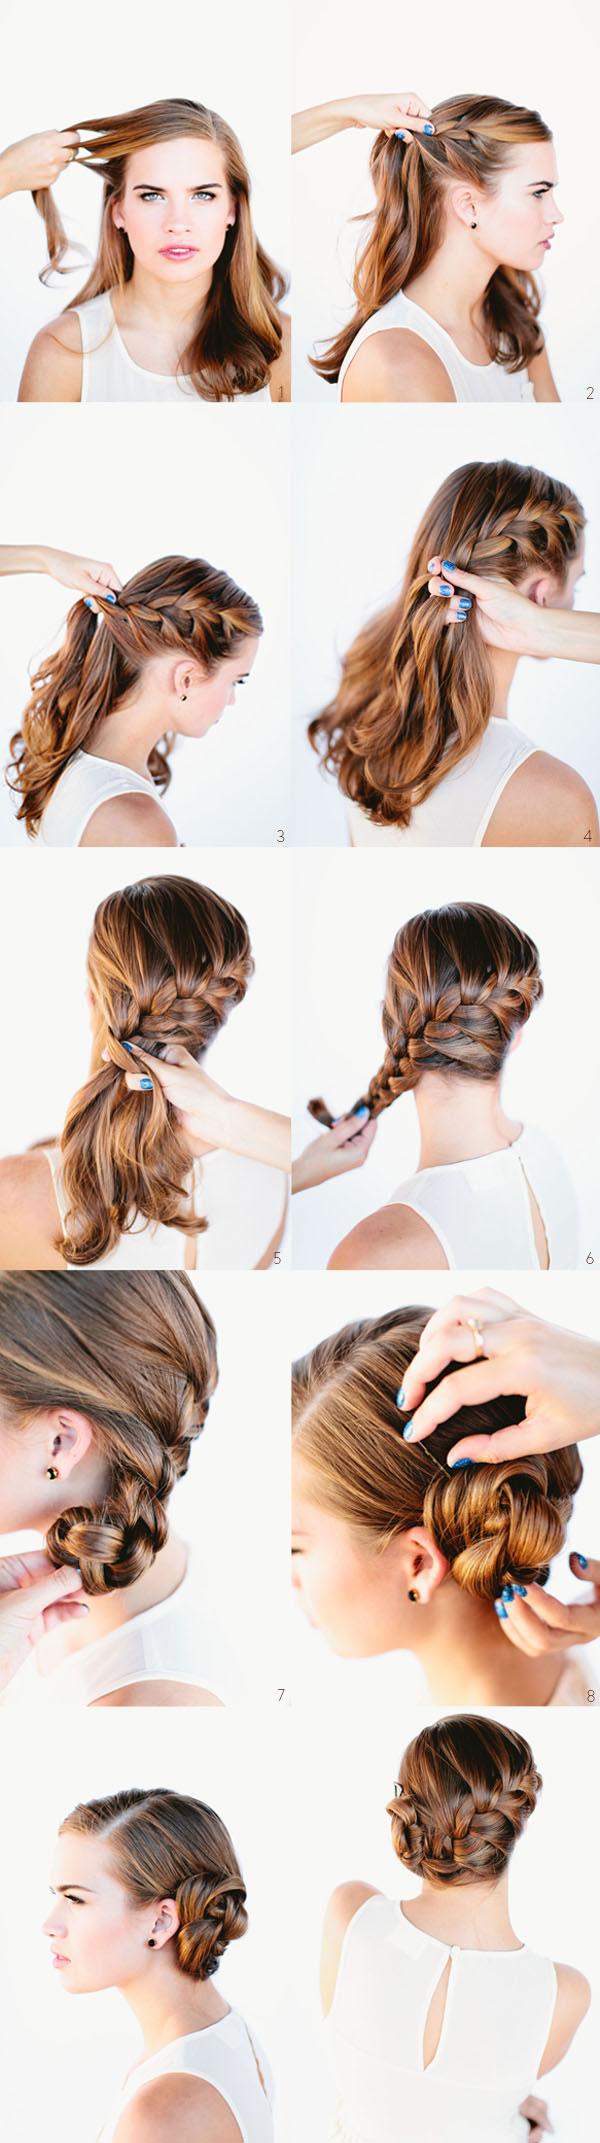 FRENCH-BRAID-BUN-HAIR